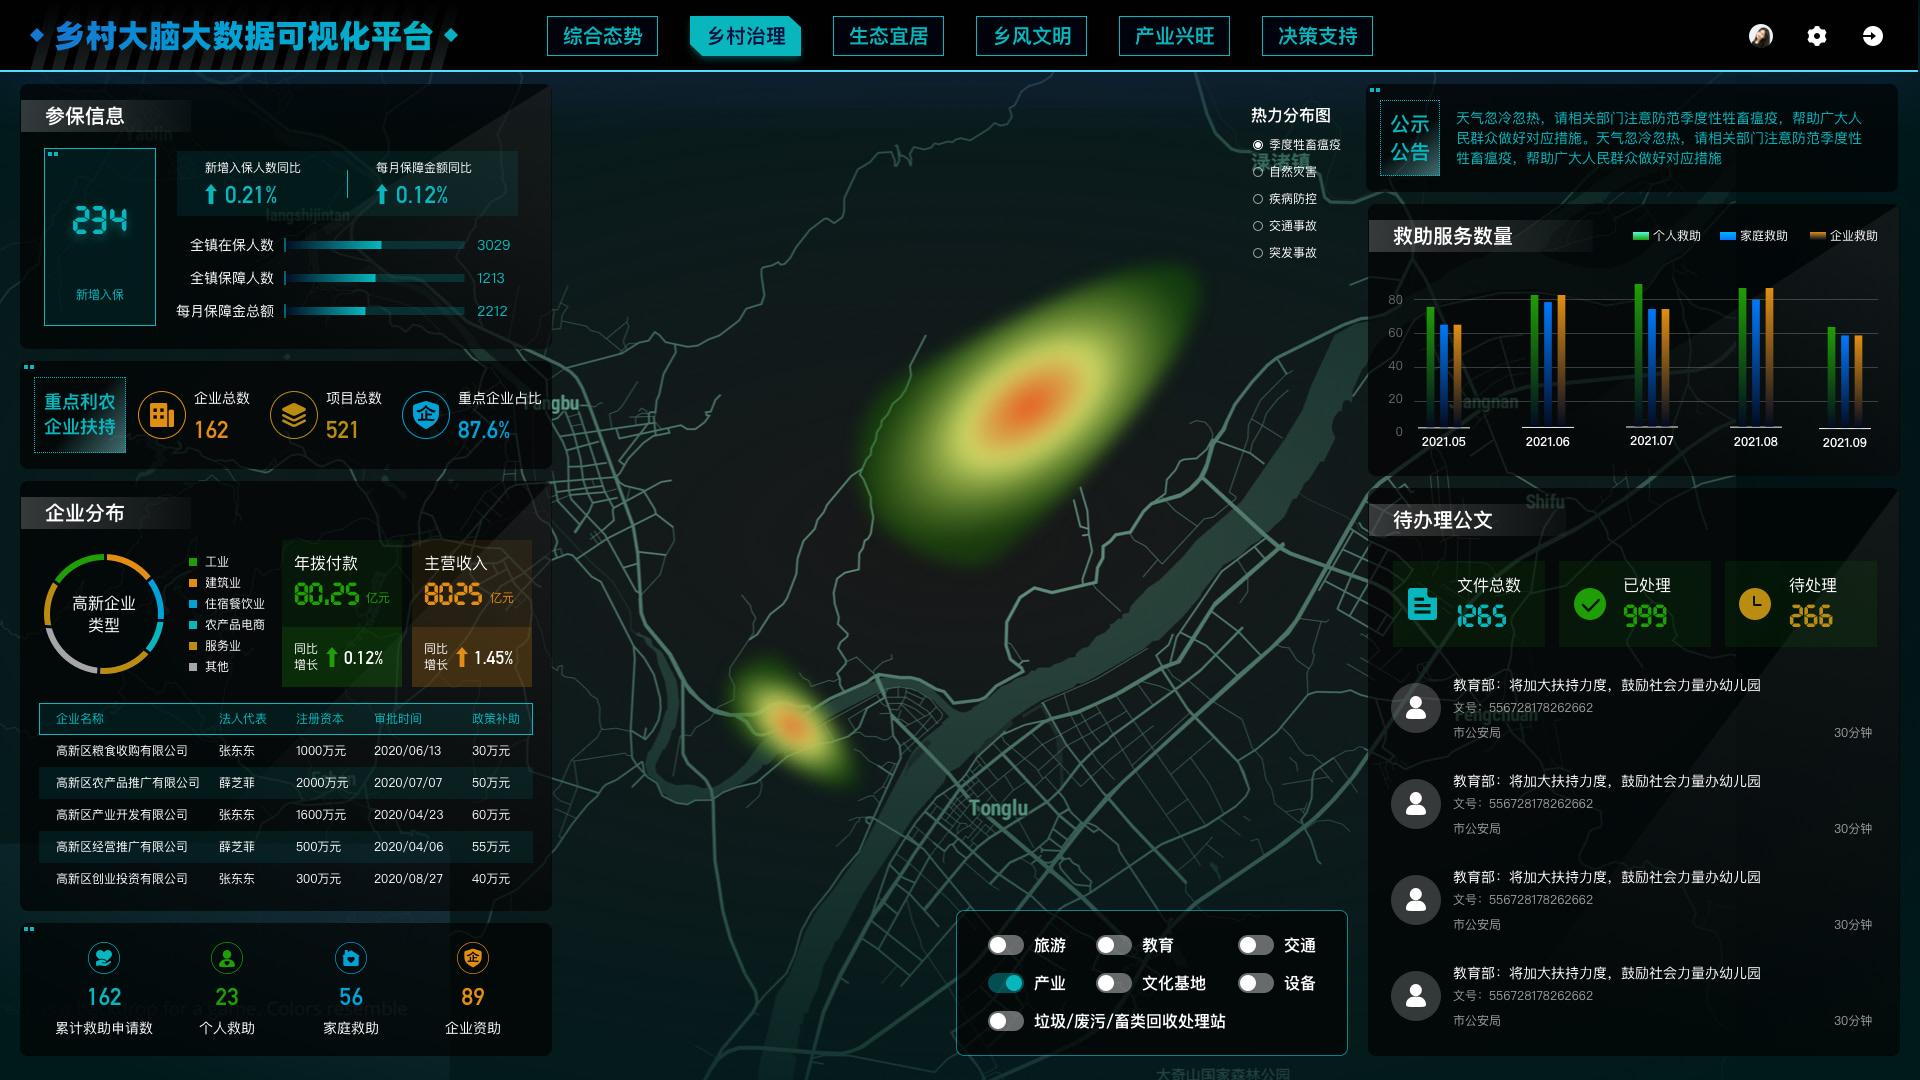 乡村大脑大数据可视化平台-乡村治理.jpg